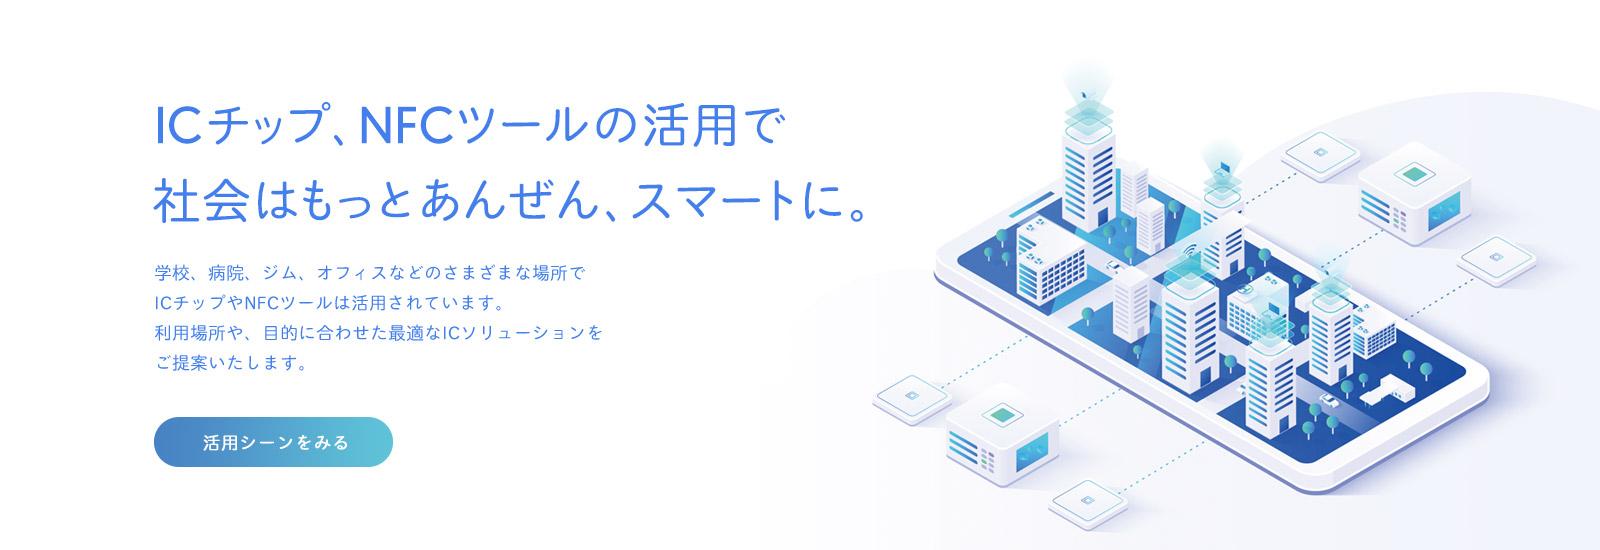 ICチップ、NFCツールの活用で社会はもっとあんぜん、スマートに。